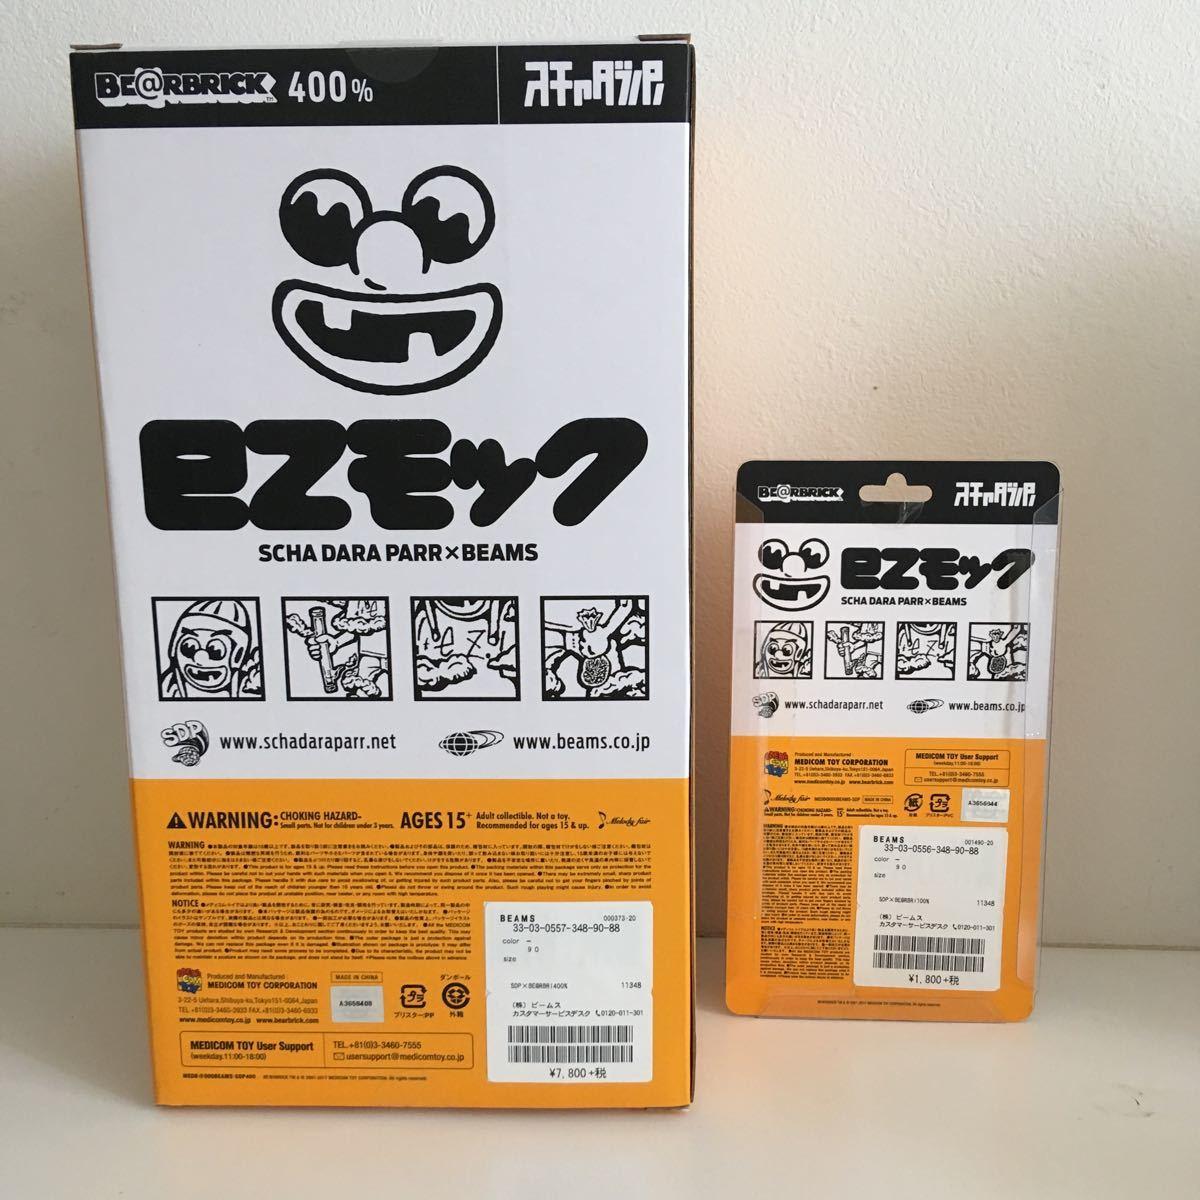 【100% 400%セット】スチャダラパー ベアブリック BEAMS JAPAN ezモック SDP メディコムトイ RSR ライジングサン BOSE ANI SHINCO_画像3